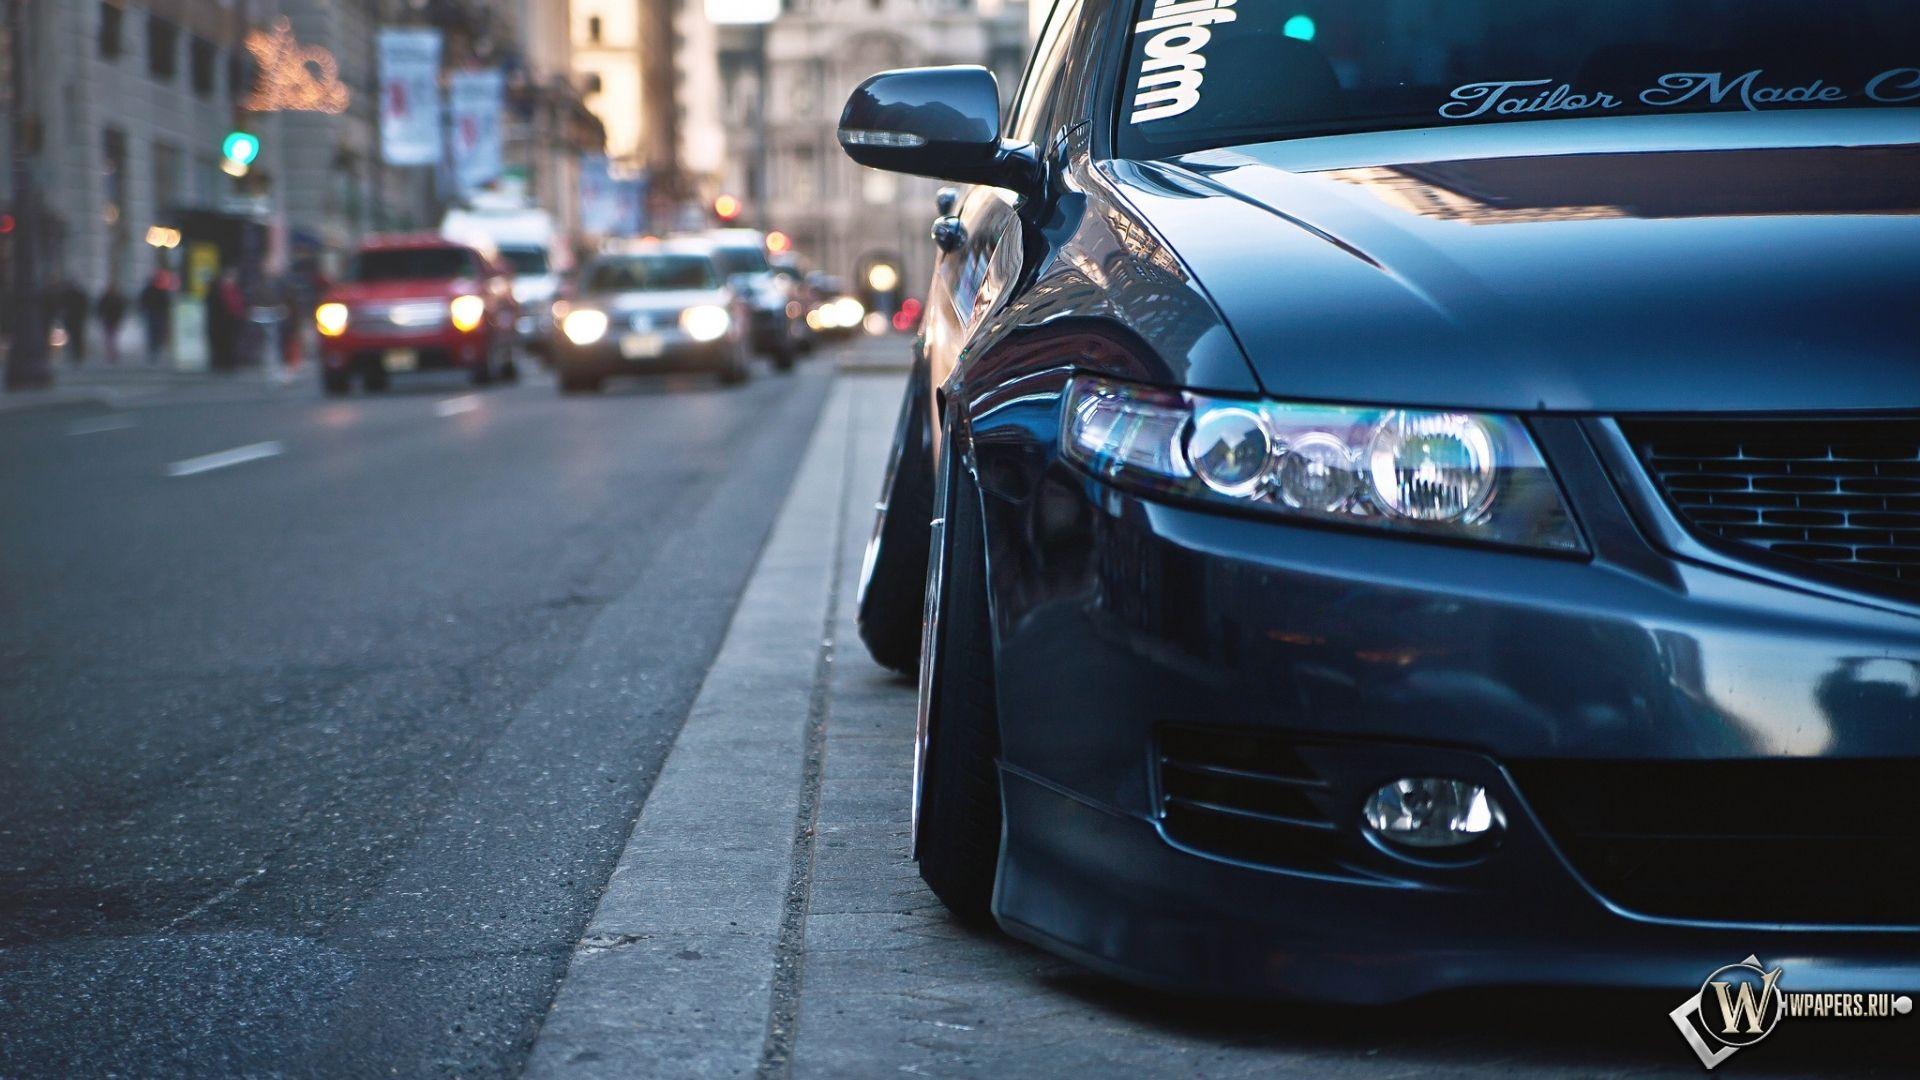 Honda Accord hd picture